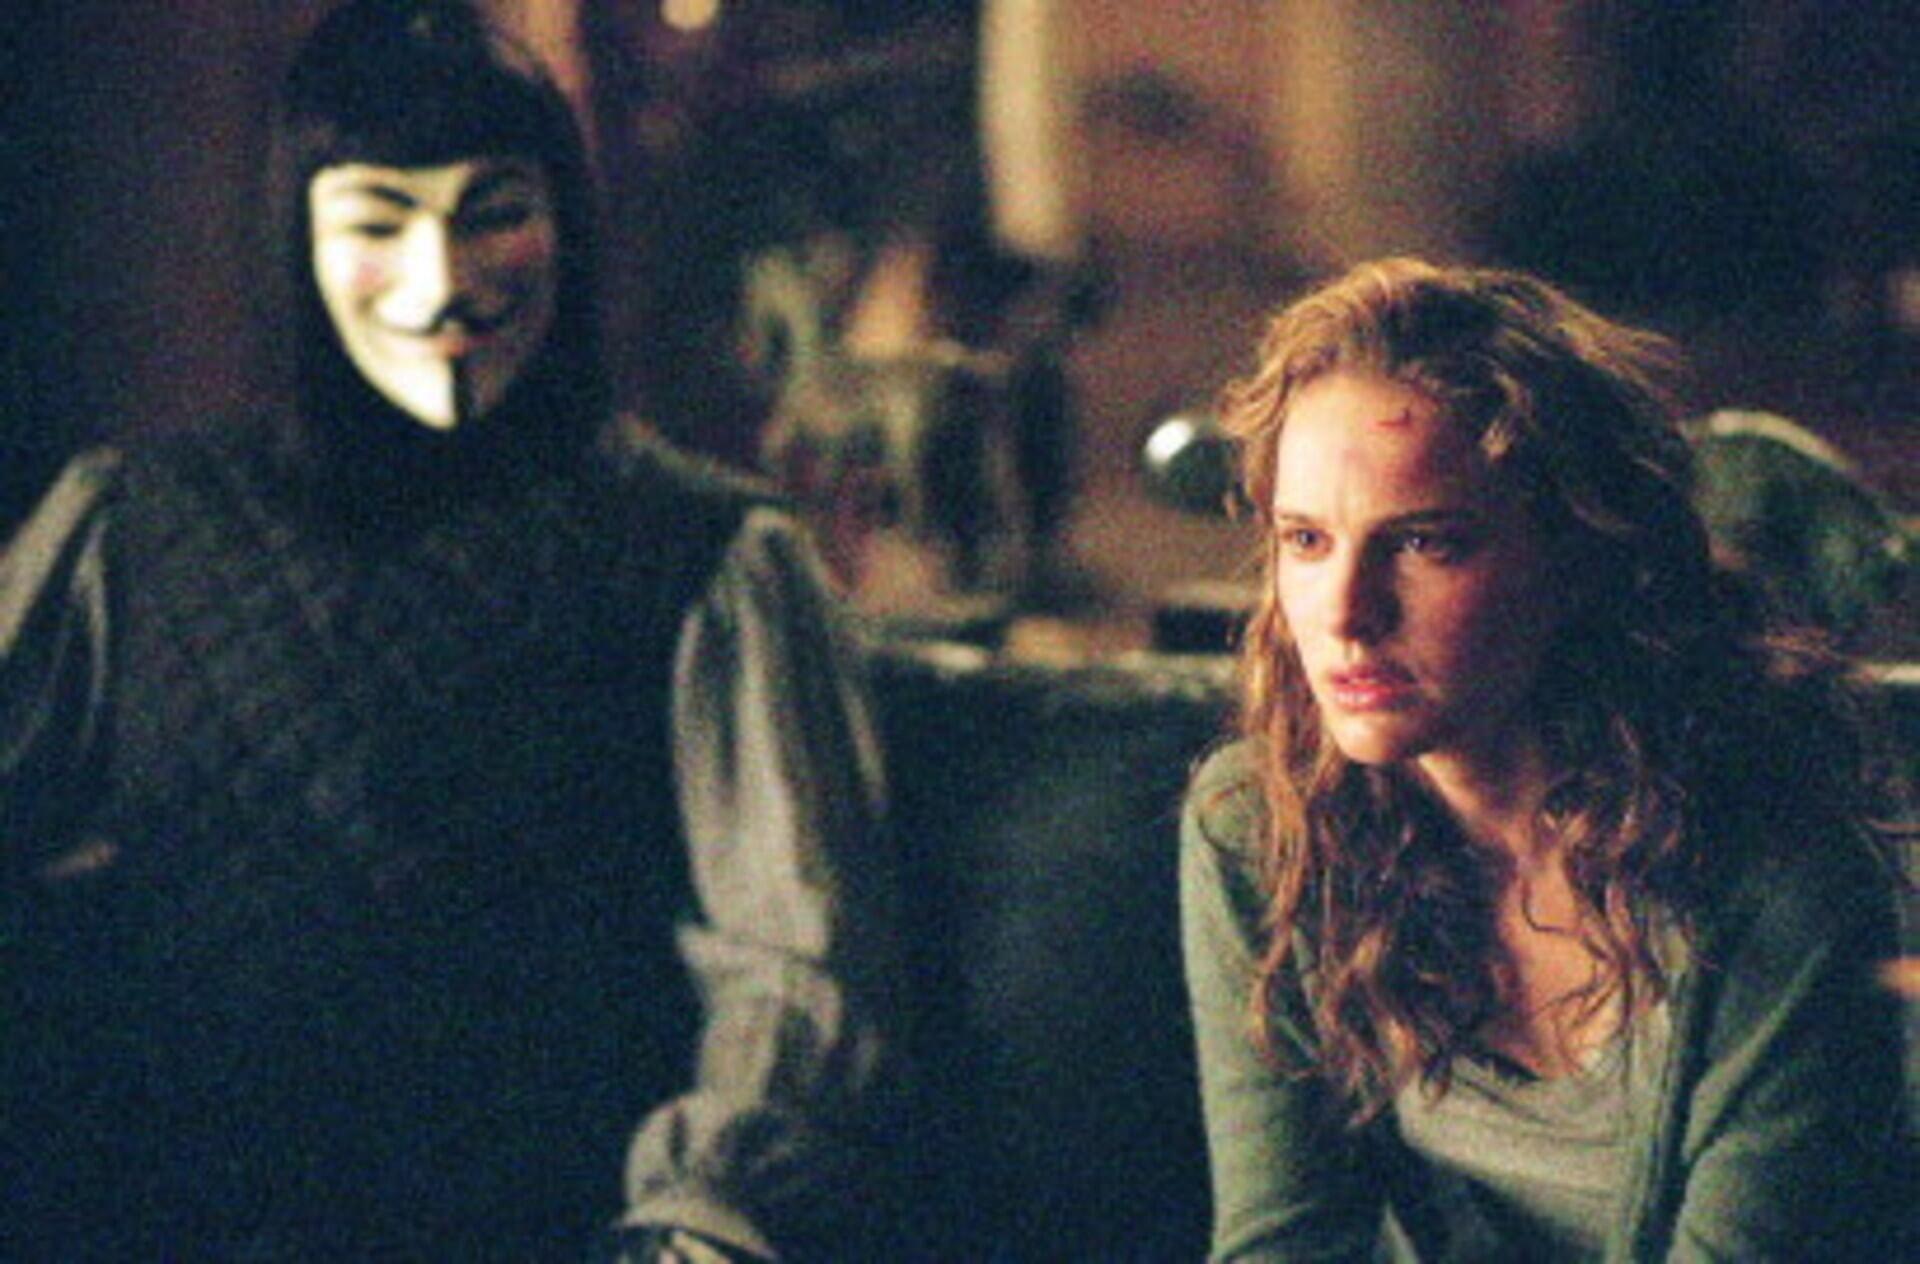 V for Vendetta - Image 34